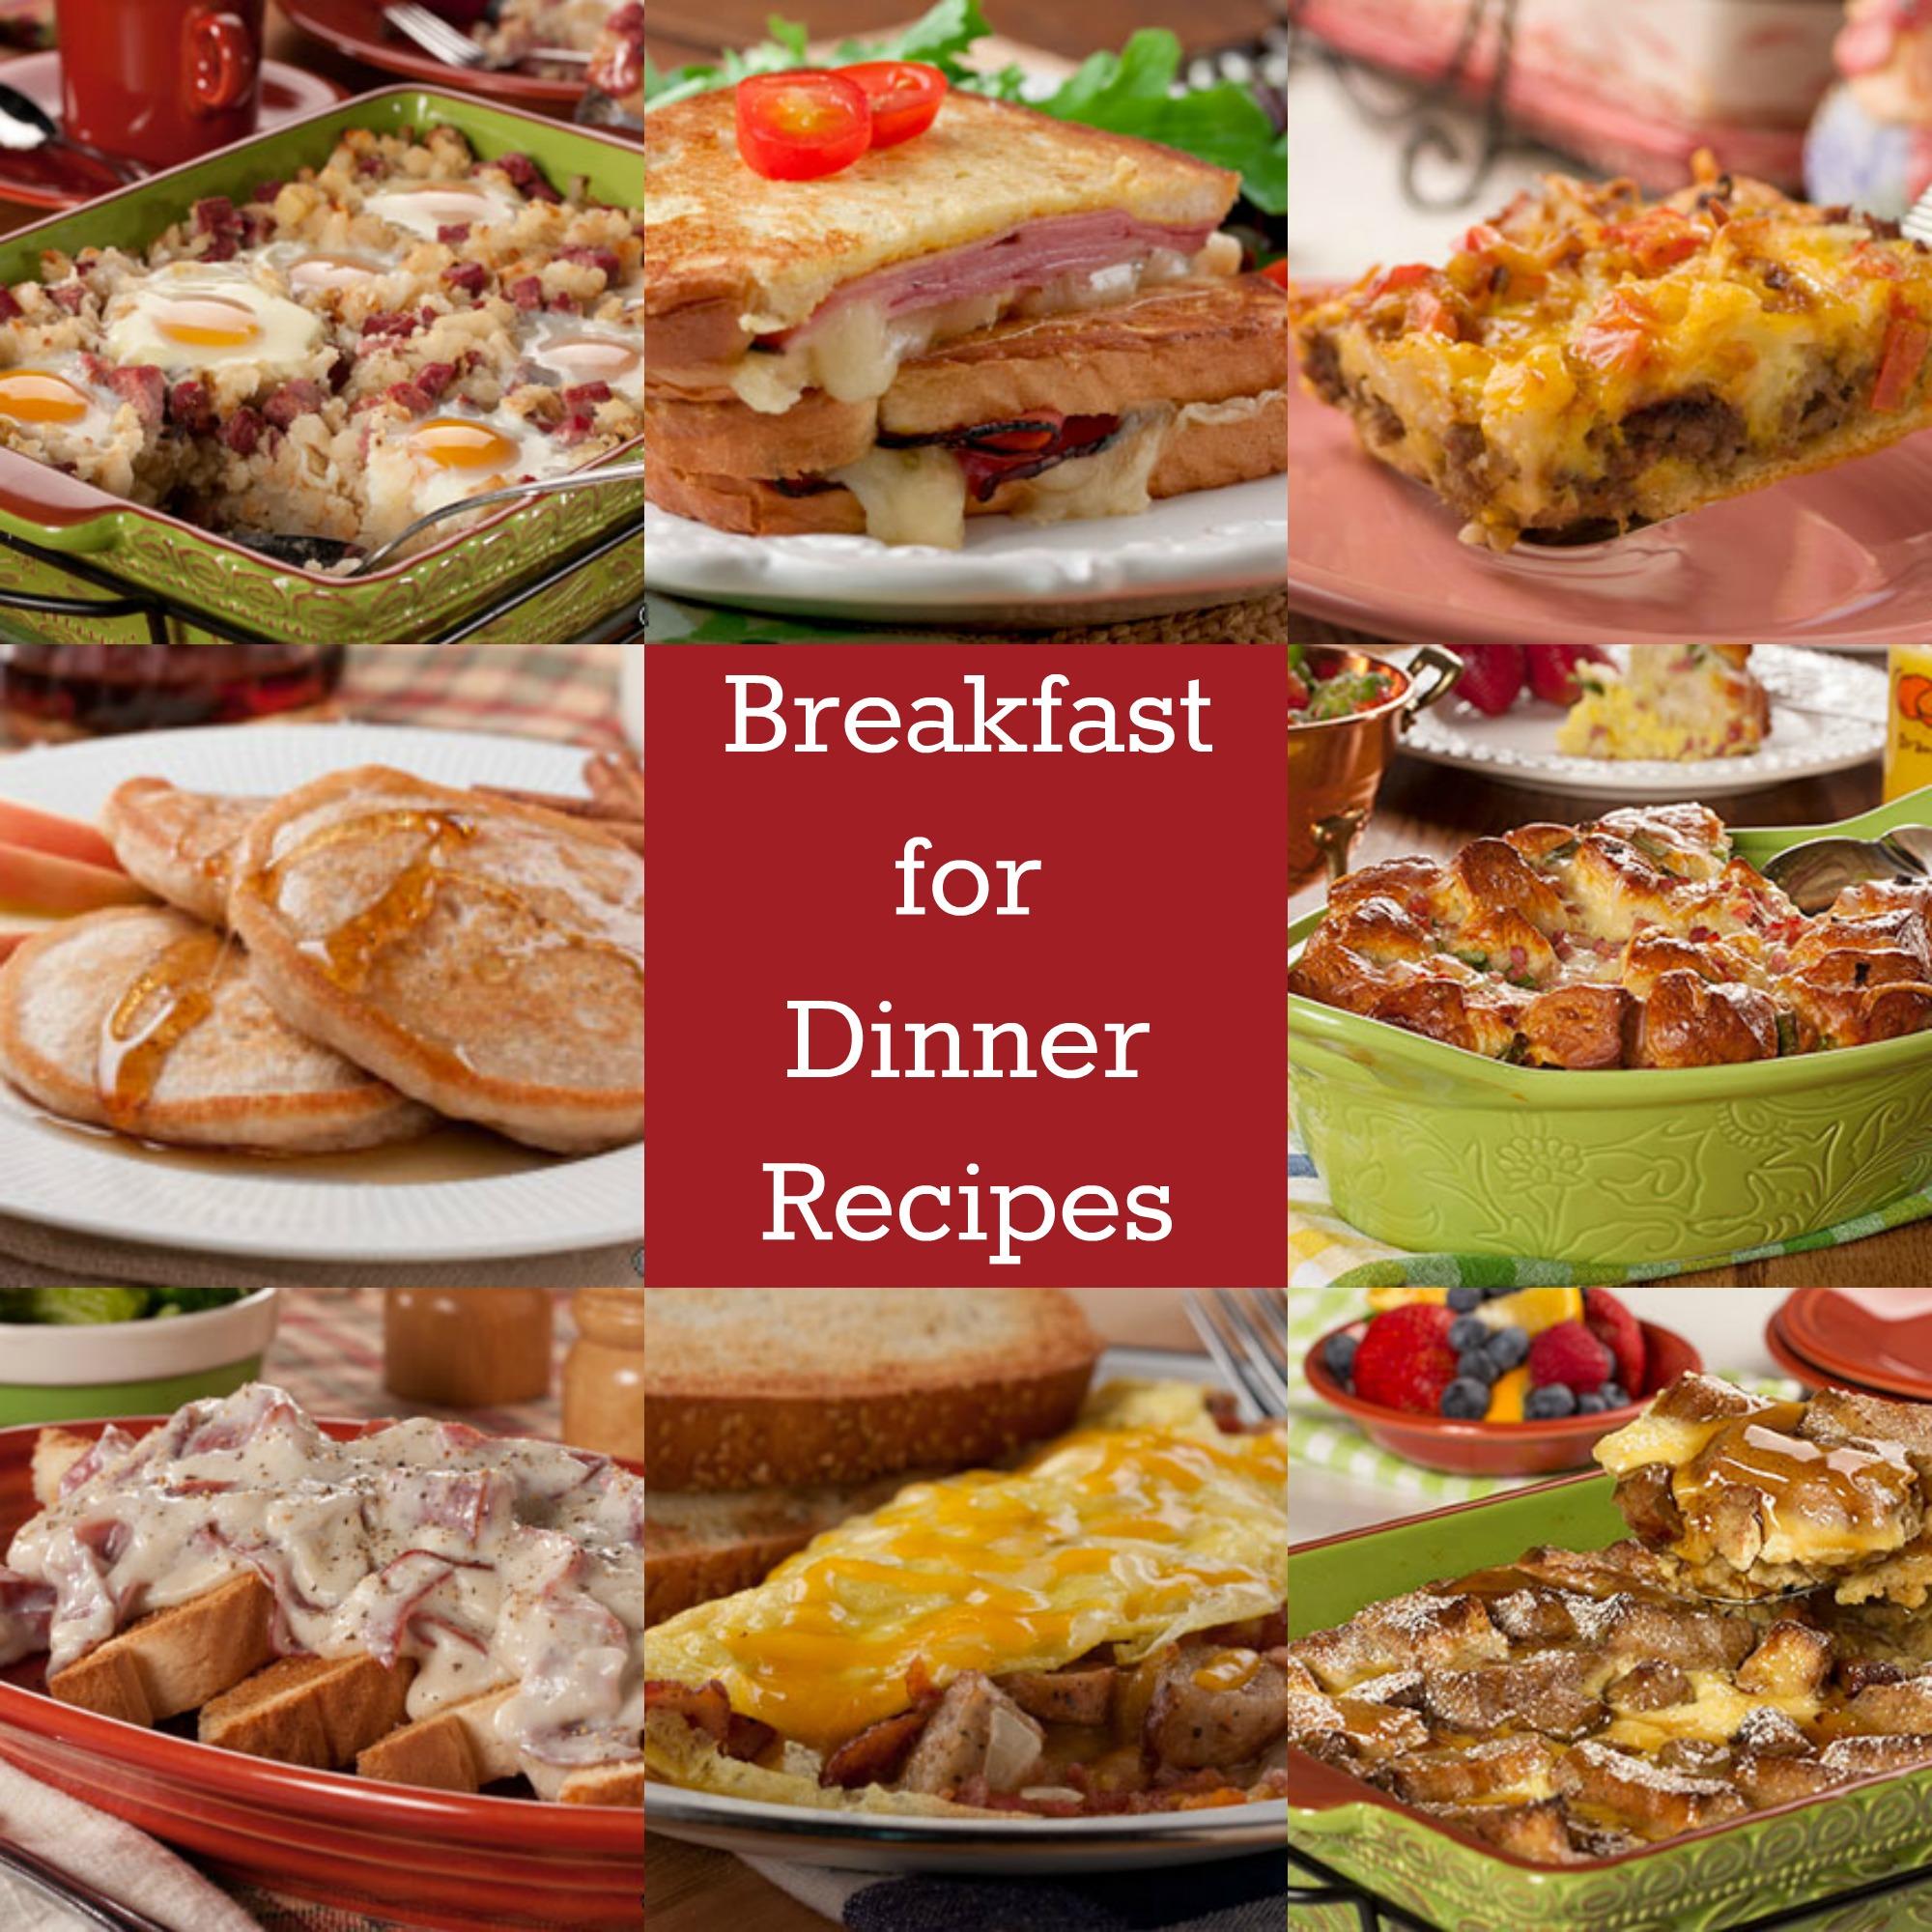 Thrifty Dinner Restaurant Breakfast Breakfastfordinner Skillet Breakfast Or Breakfast Dinner Ideas Mr Breakfast Dinner Meaning nice food Breakfast For Dinner